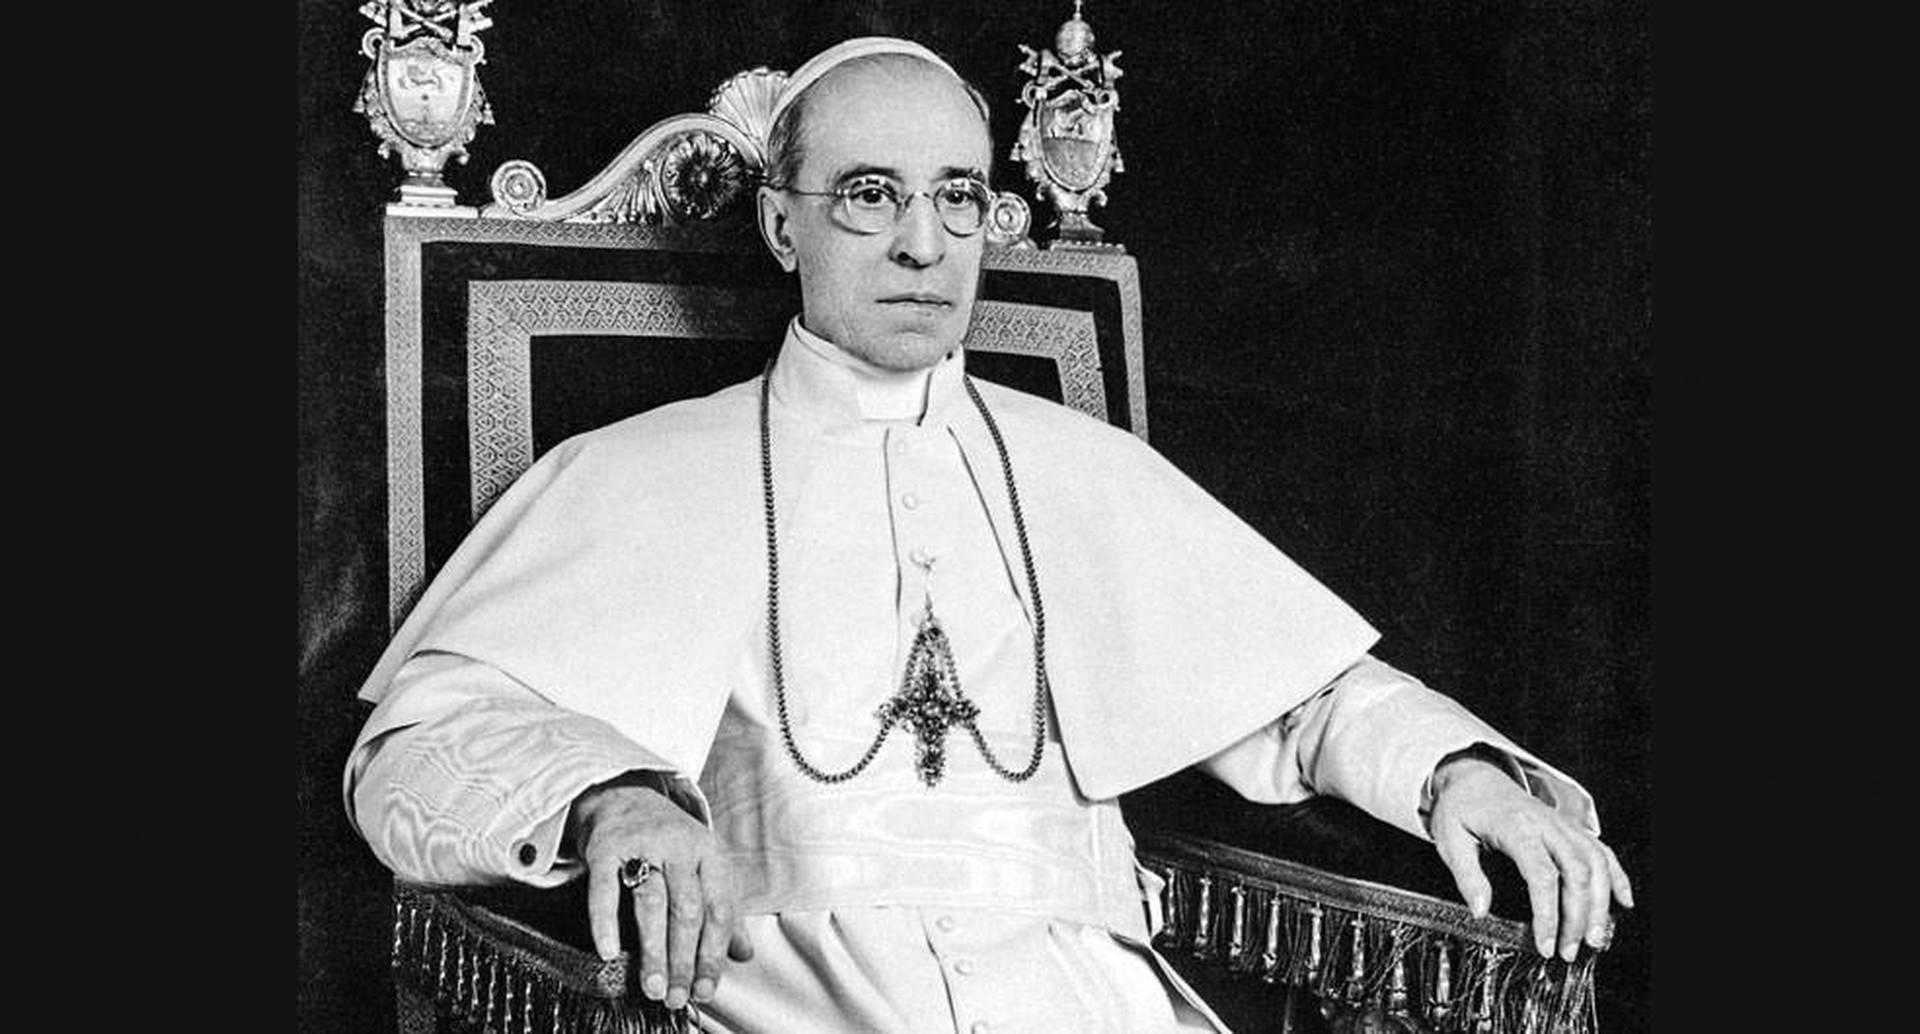 Eugenio Pacelli fue papa entre 1939 y 1958. Algunos investigadores sostienen que aunque mantuvo una actitud neutral, en secreto conspiró para derrocar a Hitler.